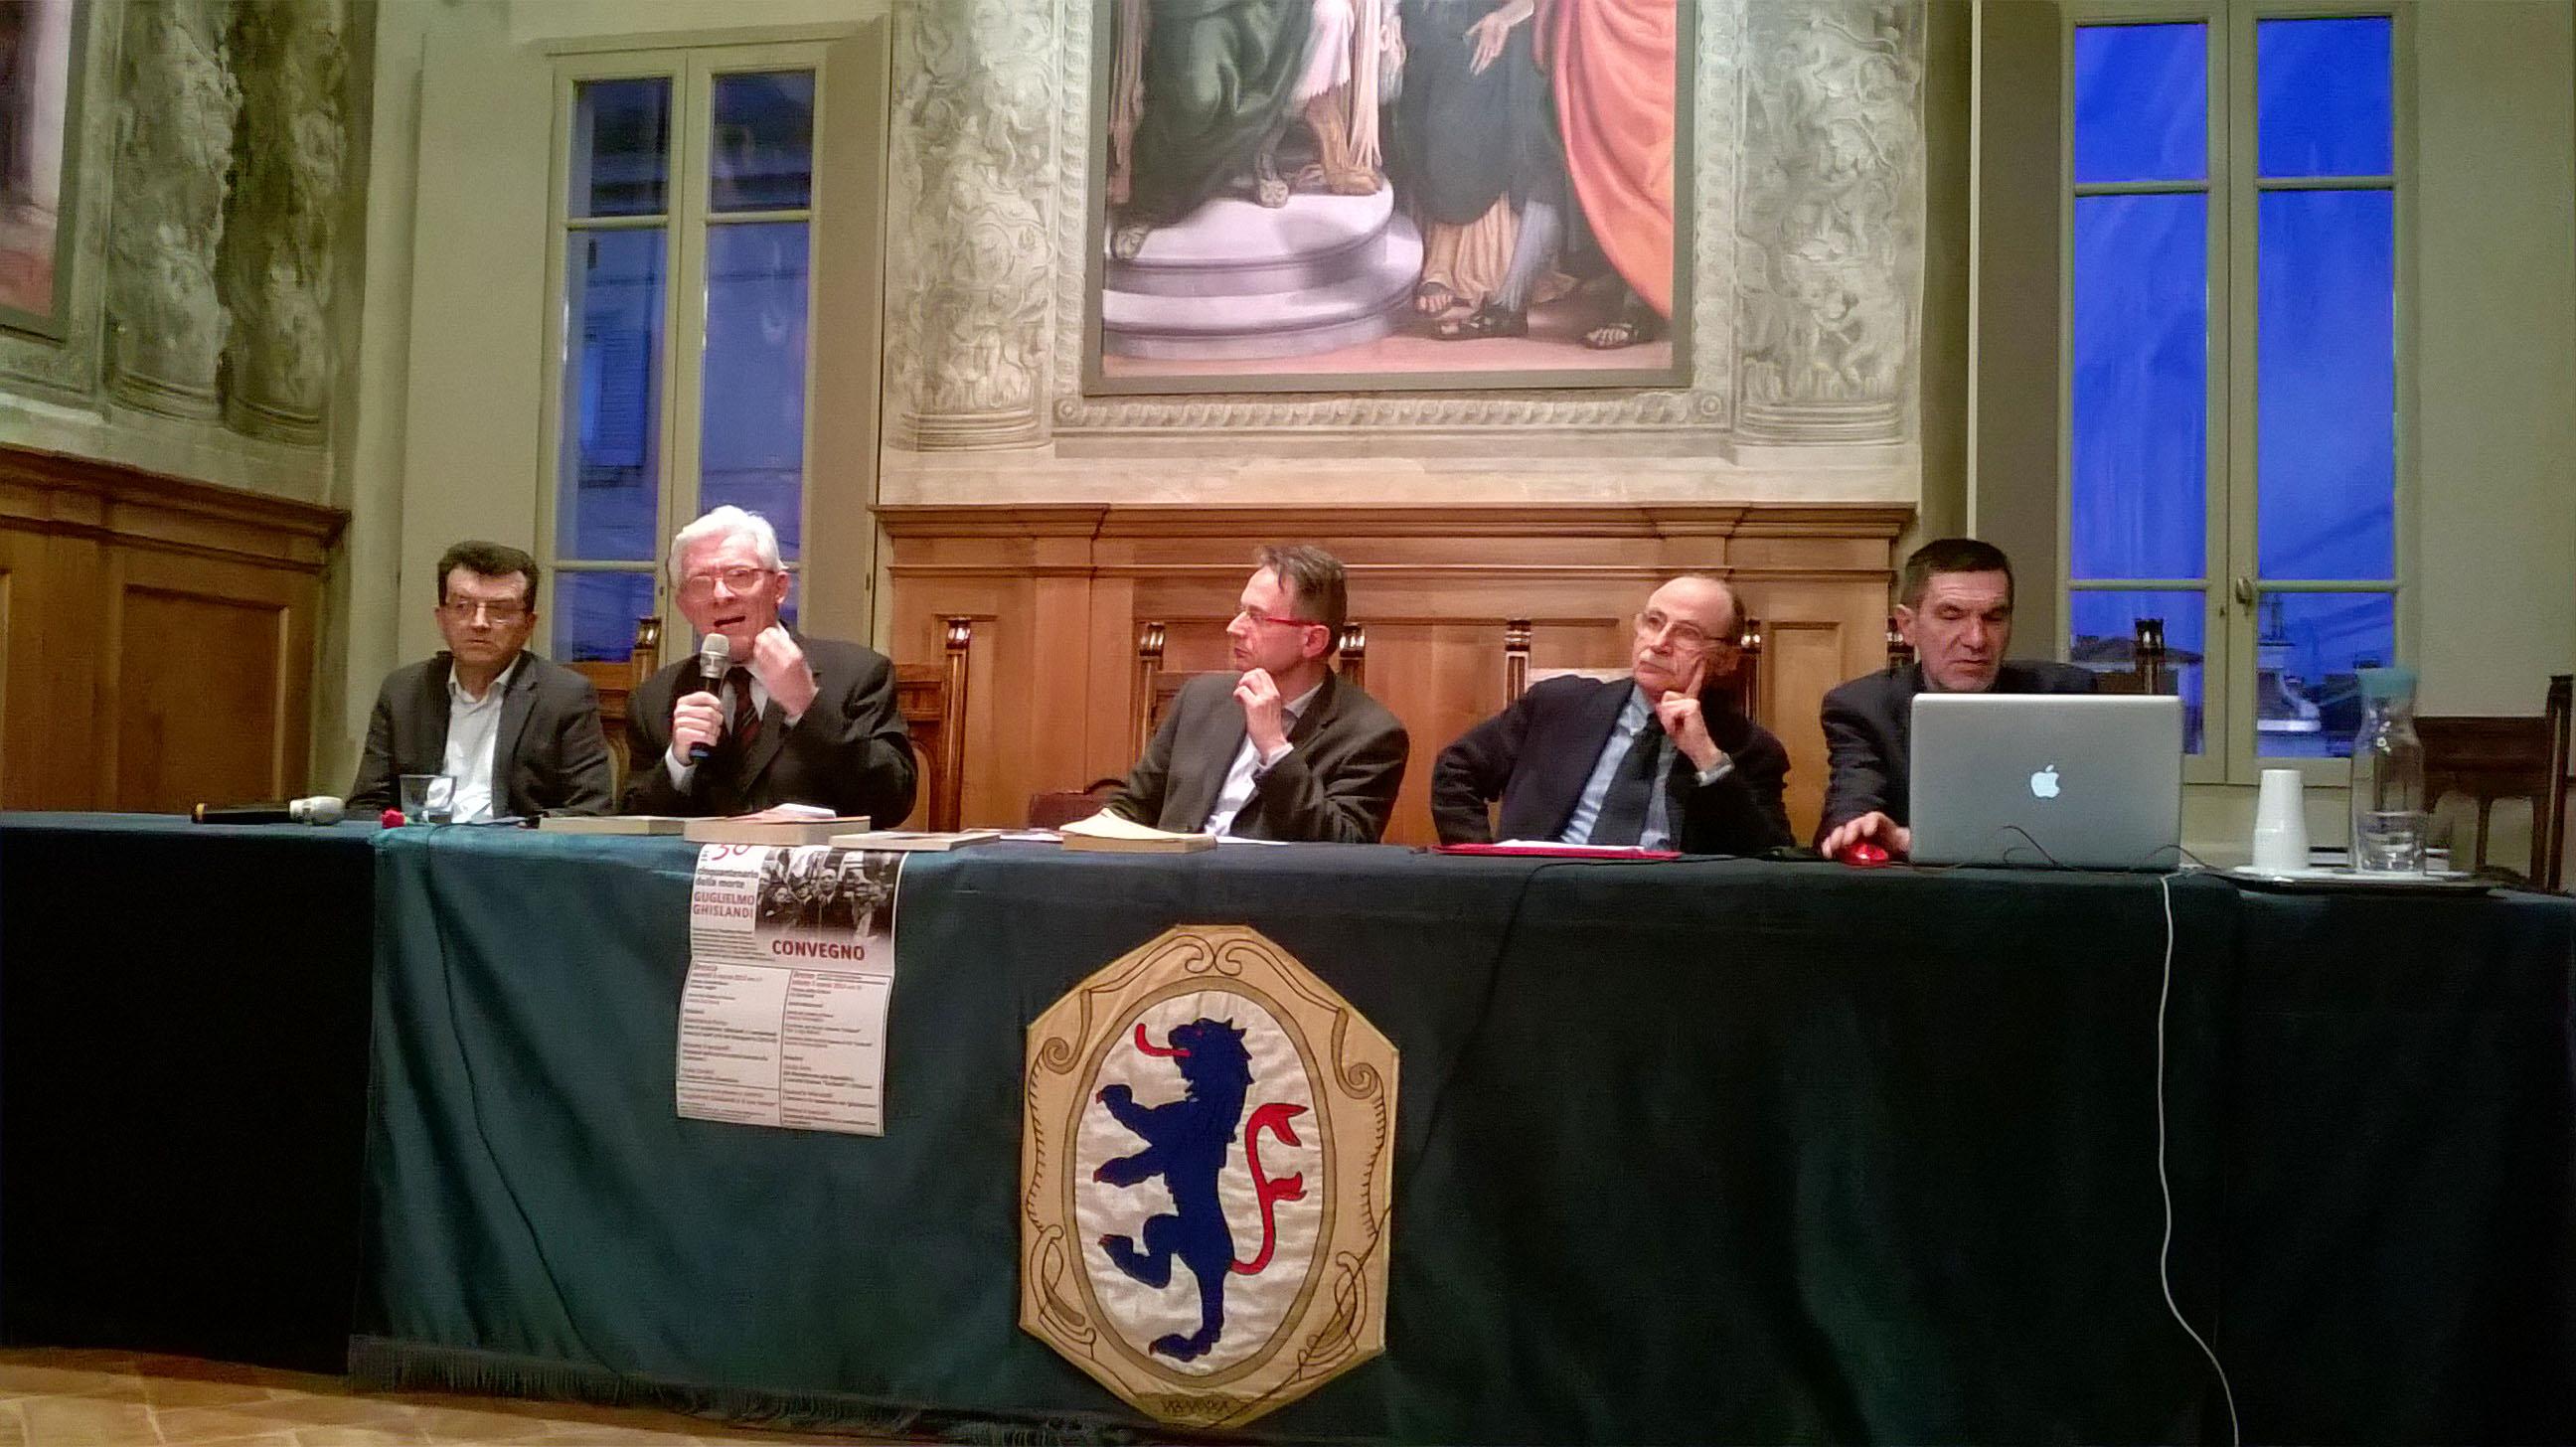 Convegno Brescia Ghislandi_6 marzo 2015_12